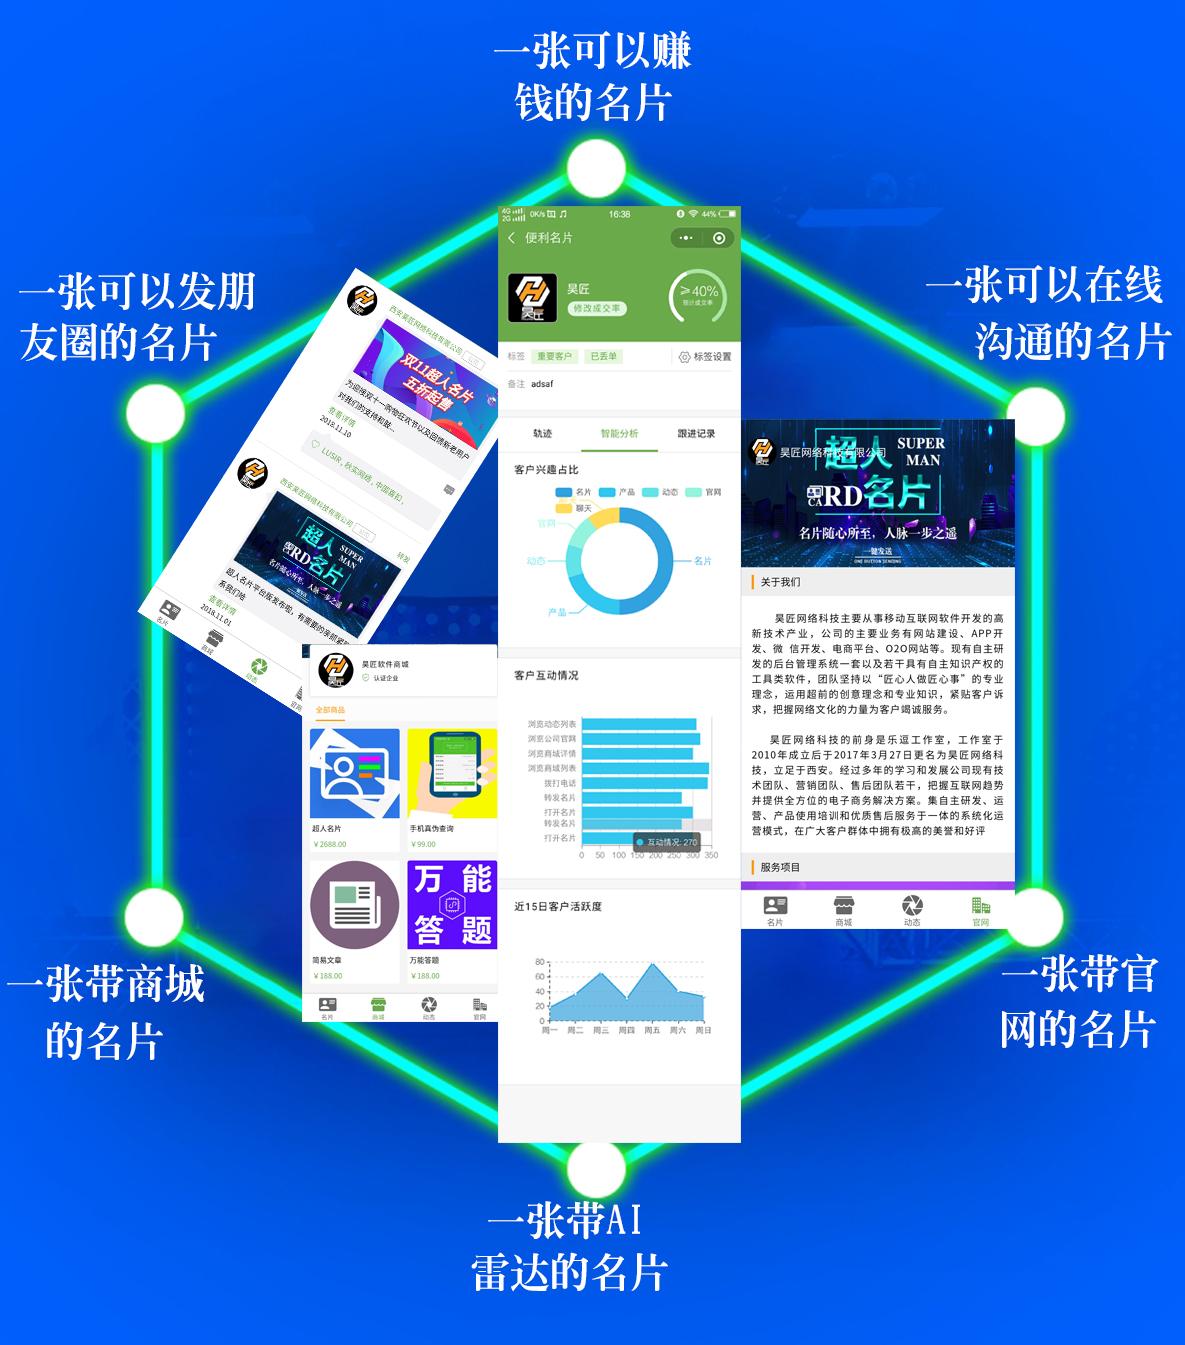 wq模块超人名片小程序V2.0.9+公众号助手V1.0.0-渔枫网络资源网